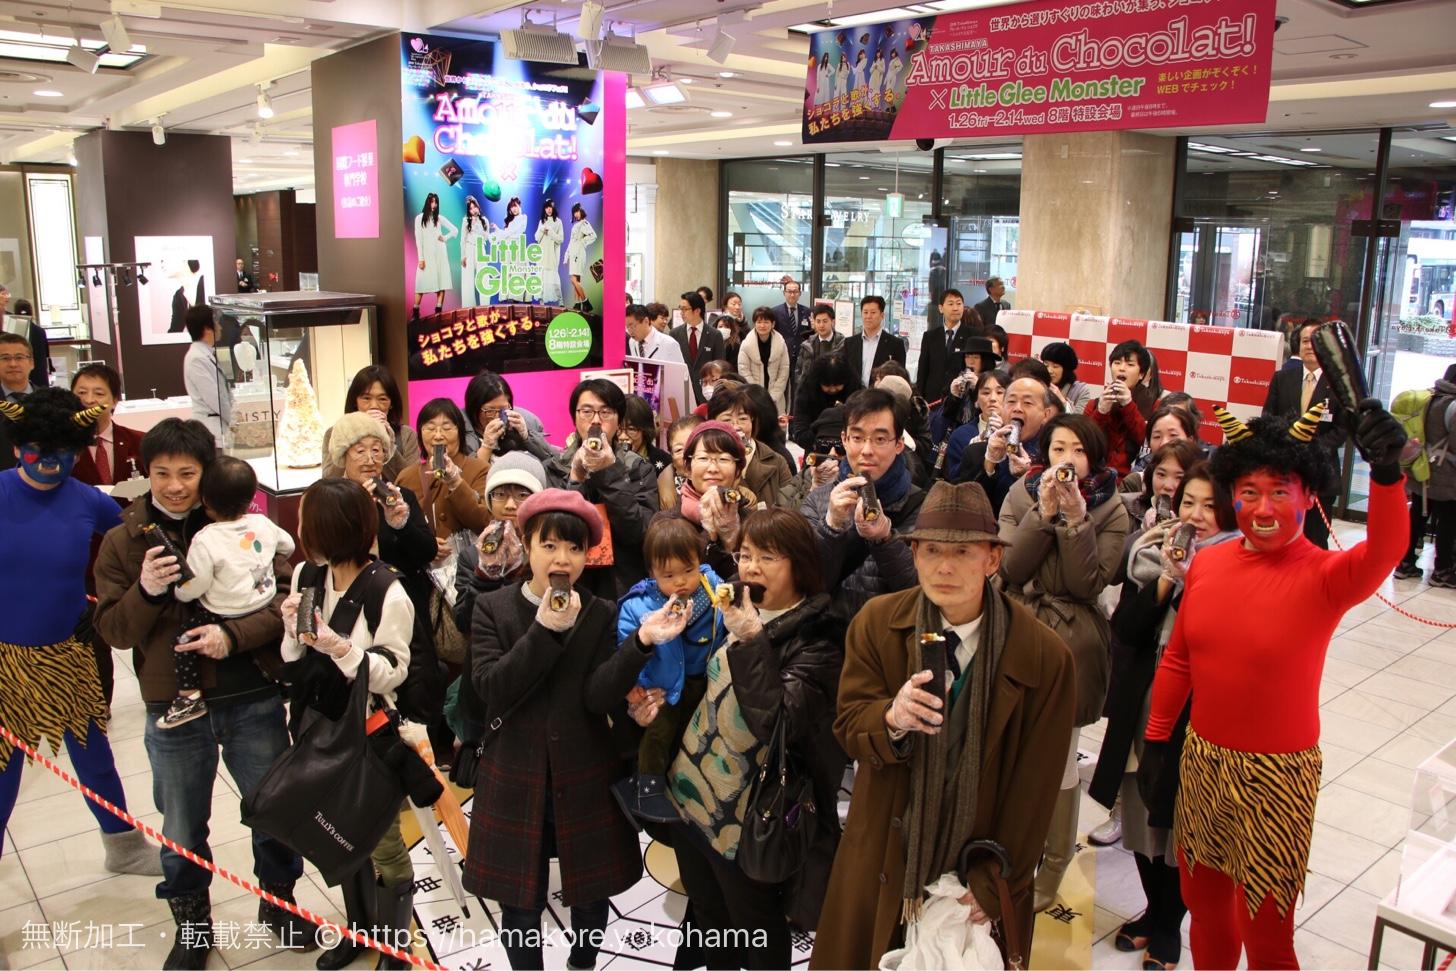 横浜高島屋 デパートの中心で恵方巻きを食べるイベントを開催!老若男女50名が参加